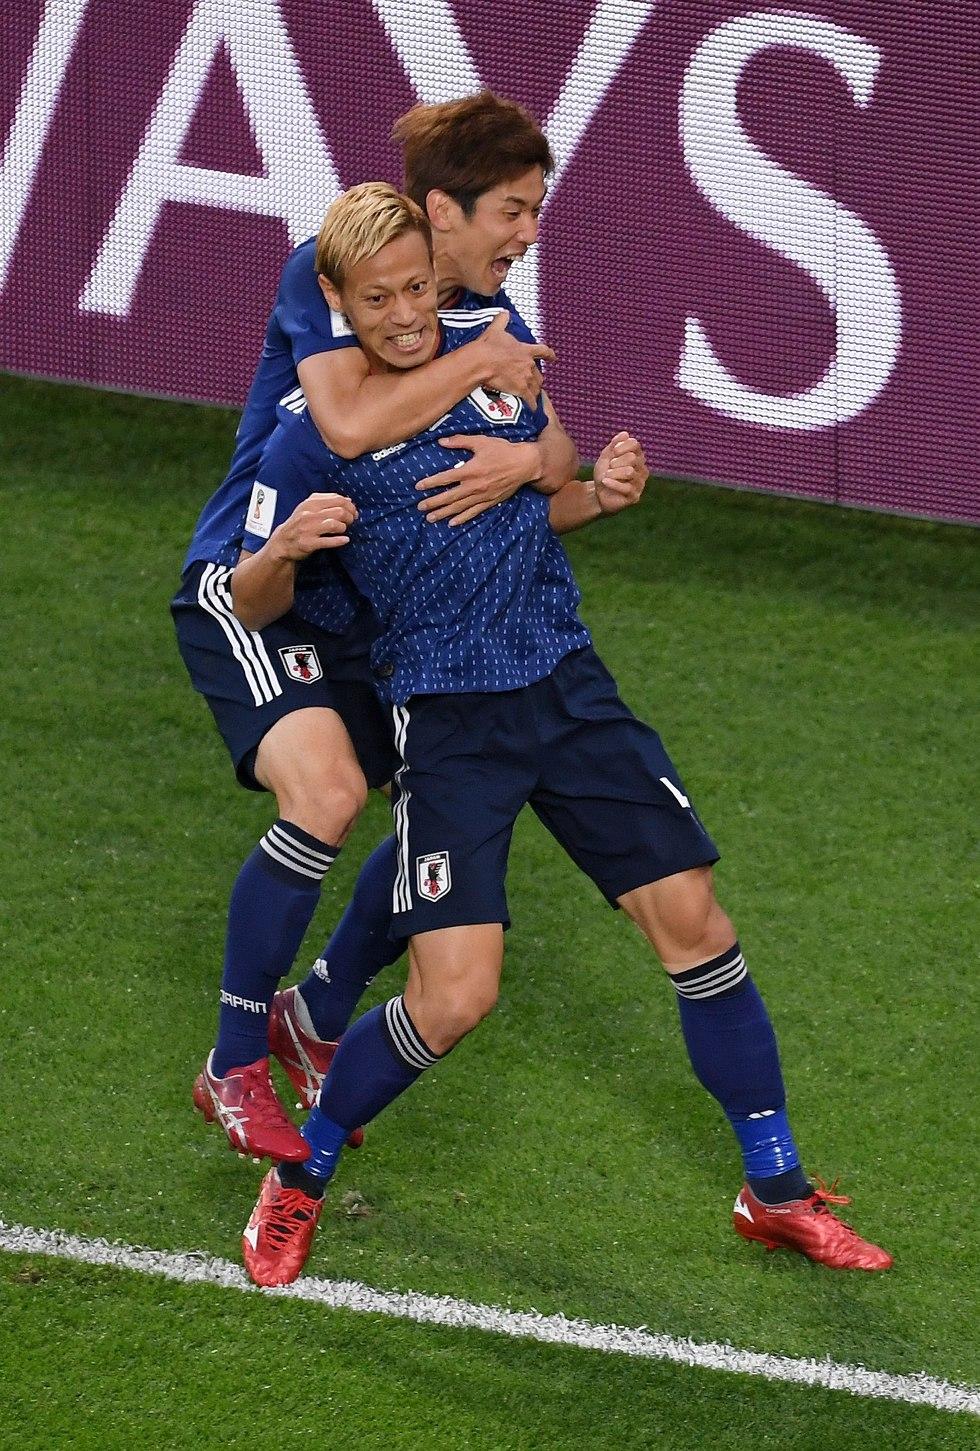 יפן סbdk (צילום: Getty Images)